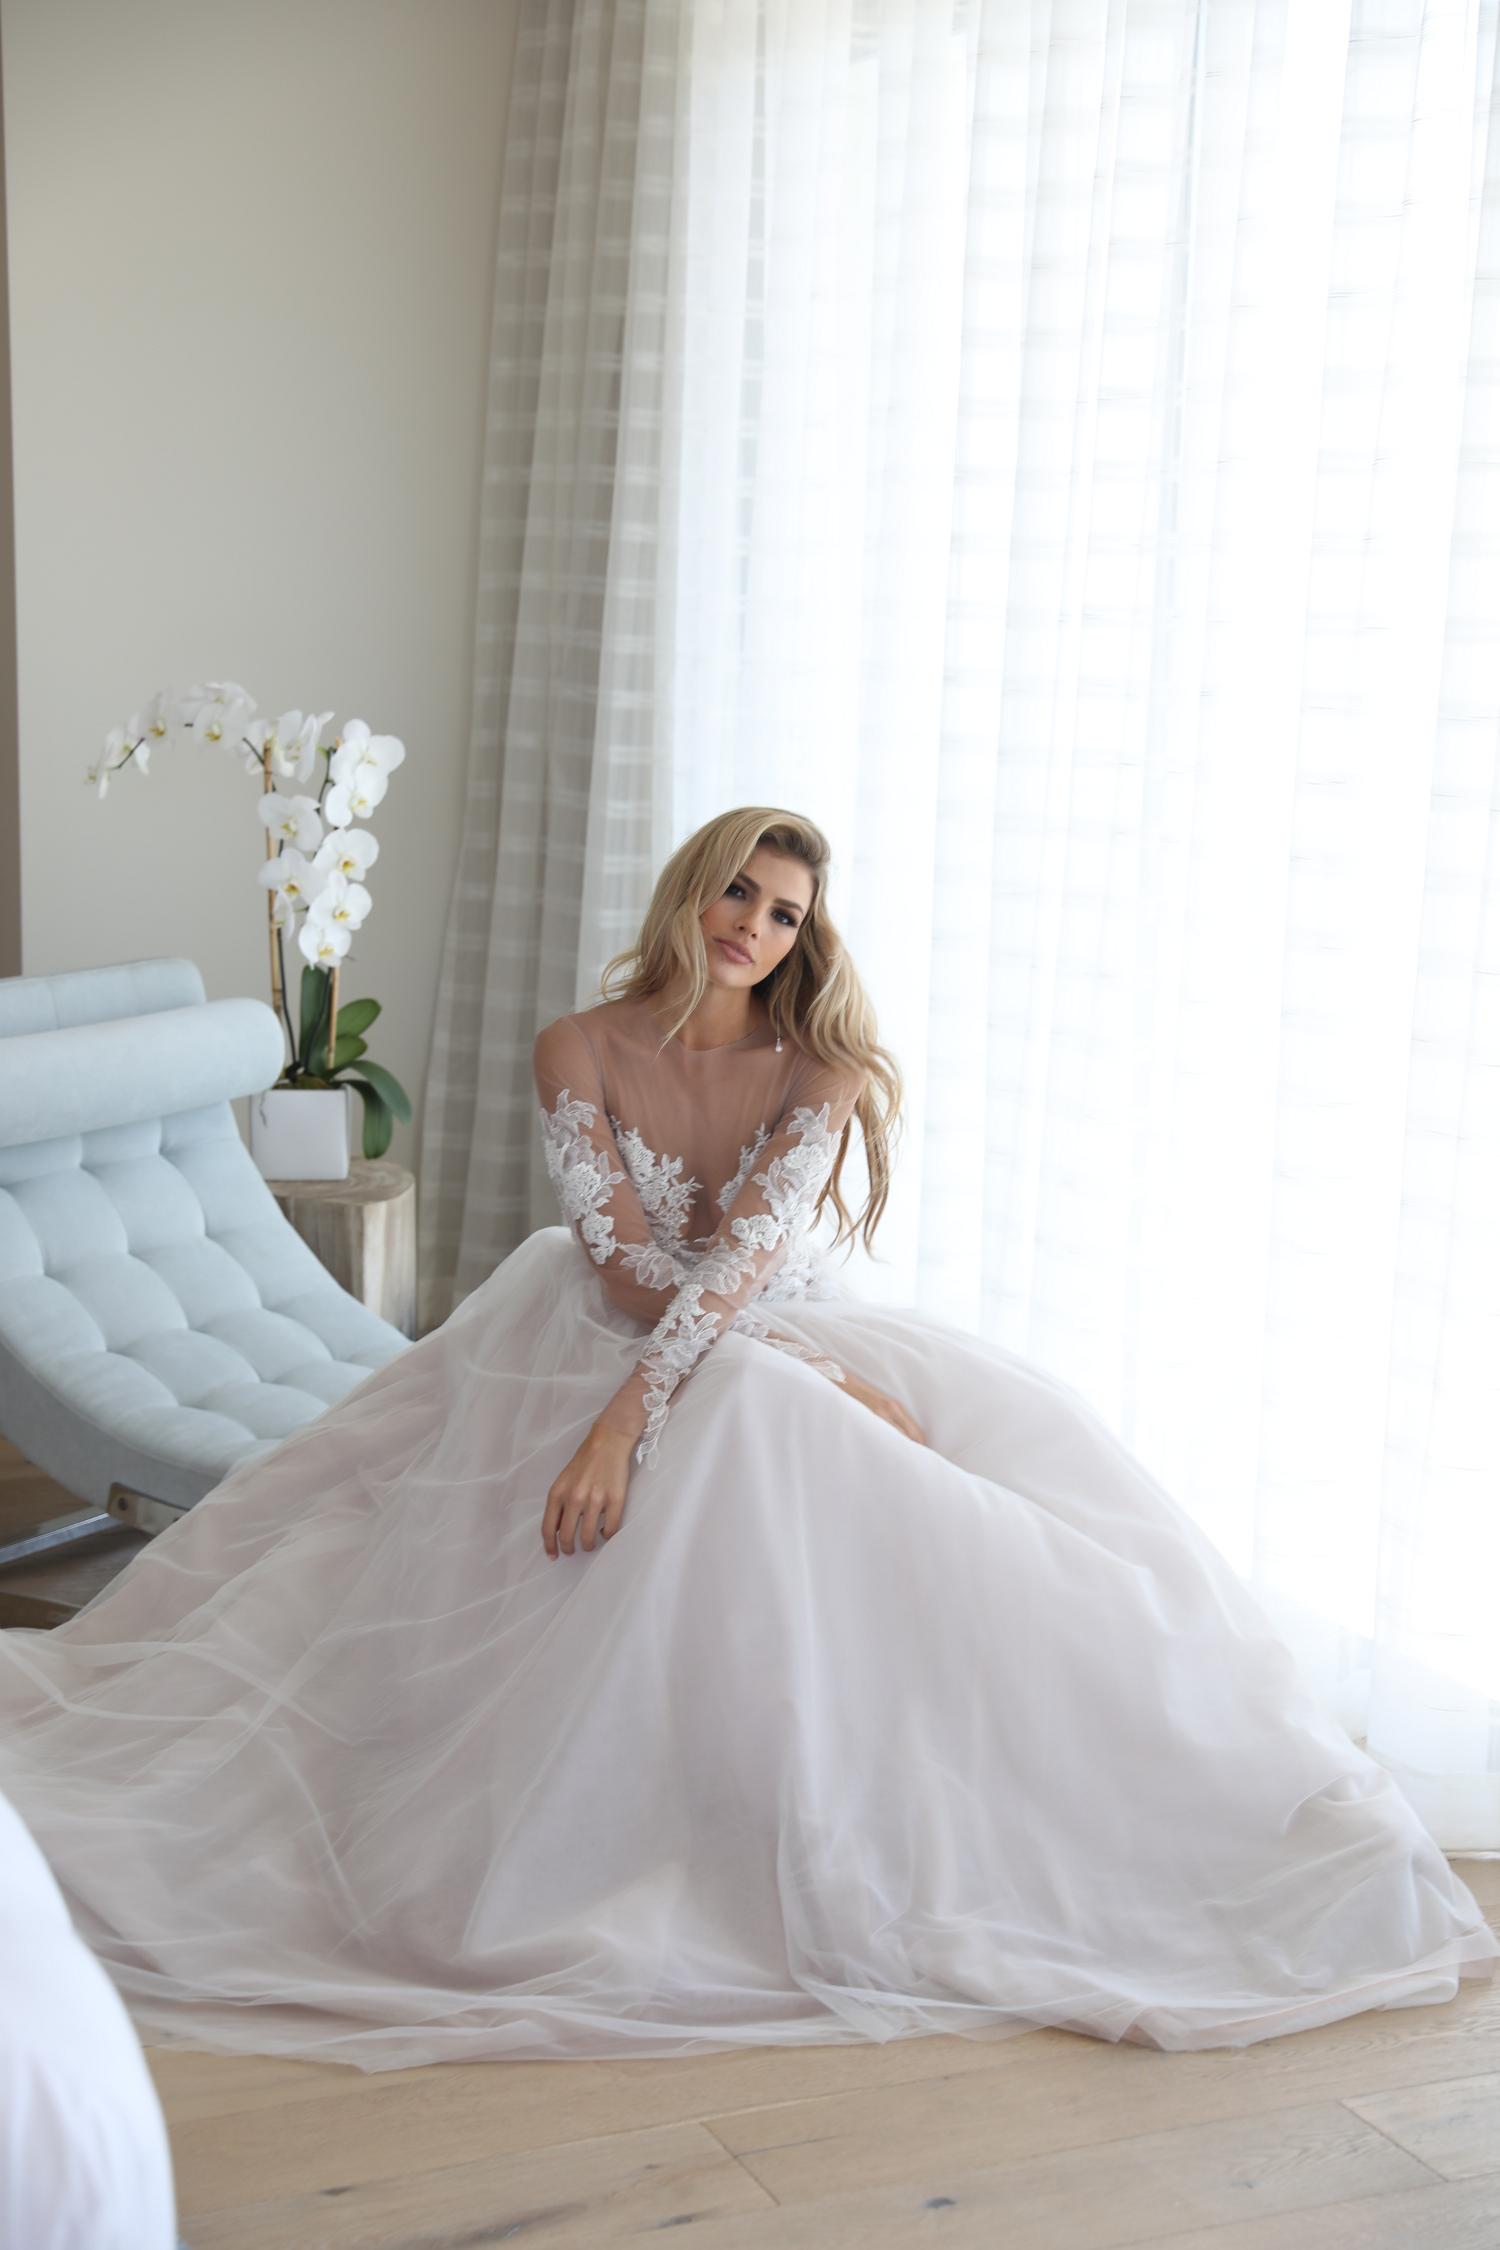 Erin Cole ~ Sinnliche und luxuriöse Brautkleider